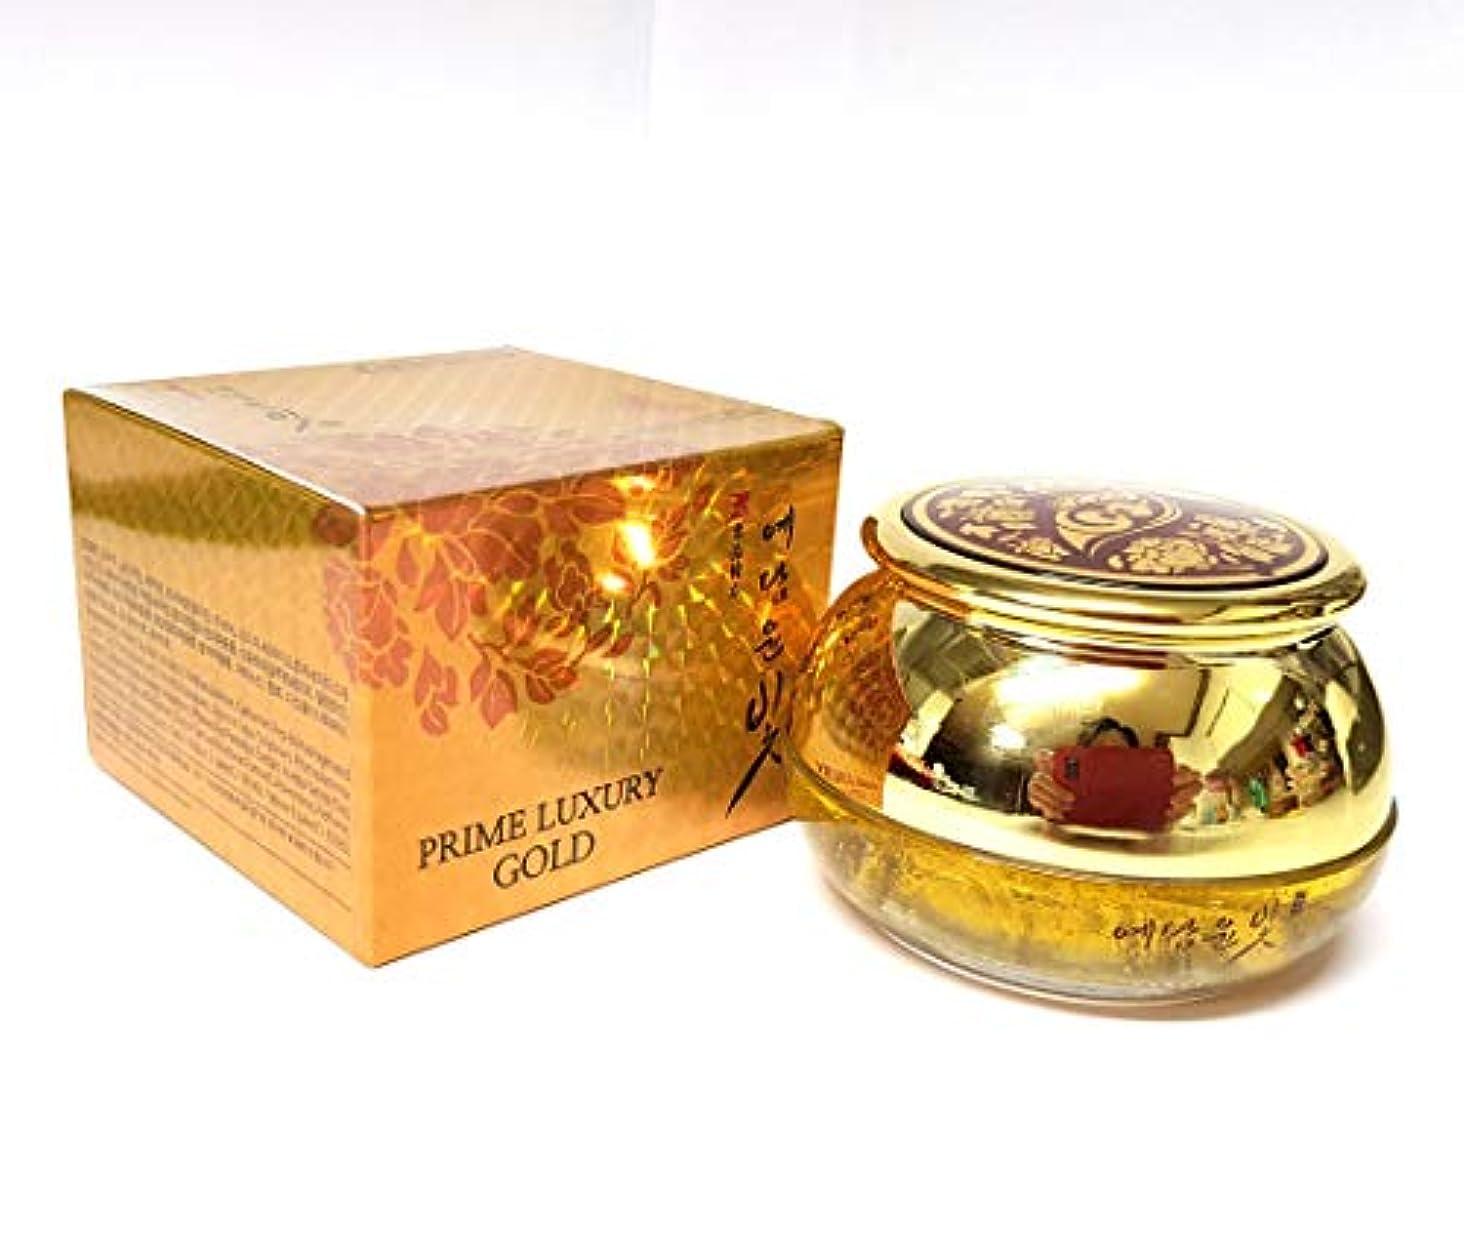 電圧買い物に行く八百屋[YEDAM YUNBIT] プライムラグジュアリーゴールドリフティングクリーム50g/ Prime Luxury Gold Lifting Cream 50g /ゴールドエキス/gold extract/しわ改善、保湿...